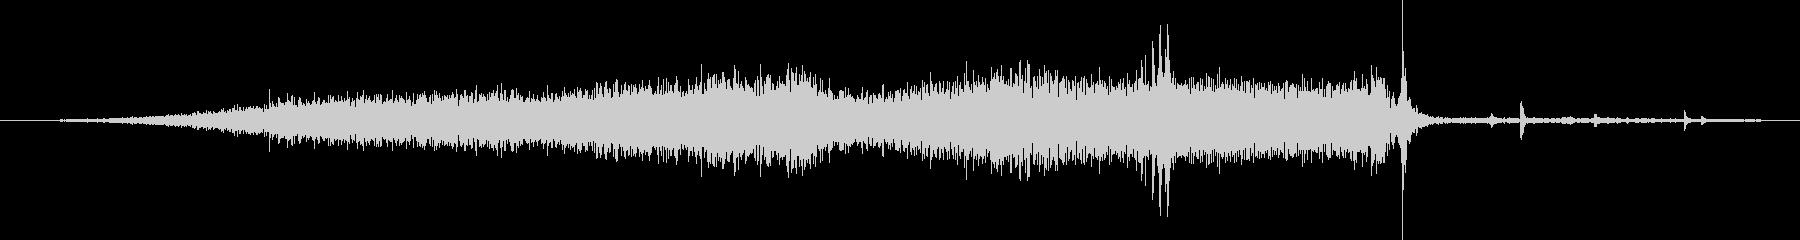 シボレーカマロ:内線:中速で左に接...の未再生の波形